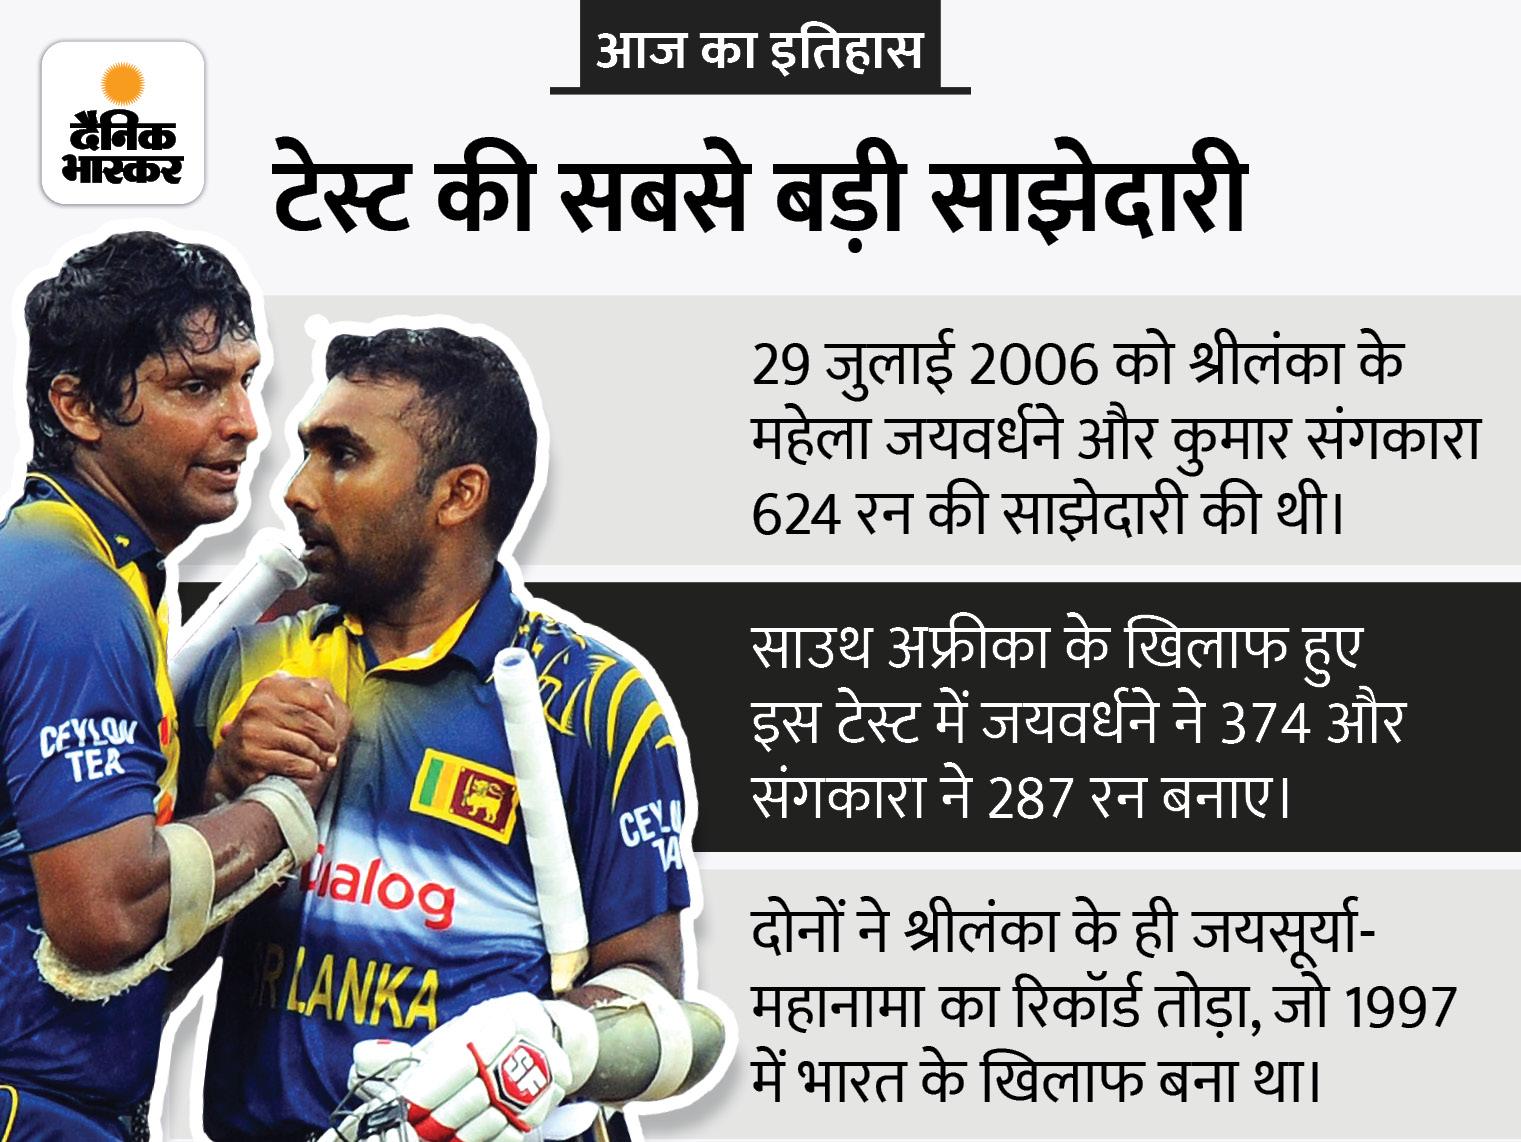 महेला जयवर्धने और कुमार संगकारा के बीच टेस्ट इतिहास की सबसे लंबी पार्टनरशिप, 15 सालों बाद आज भी कोई नहीं तोड़ पाया है ये रिकॉर्ड|देश,National - Dainik Bhaskar